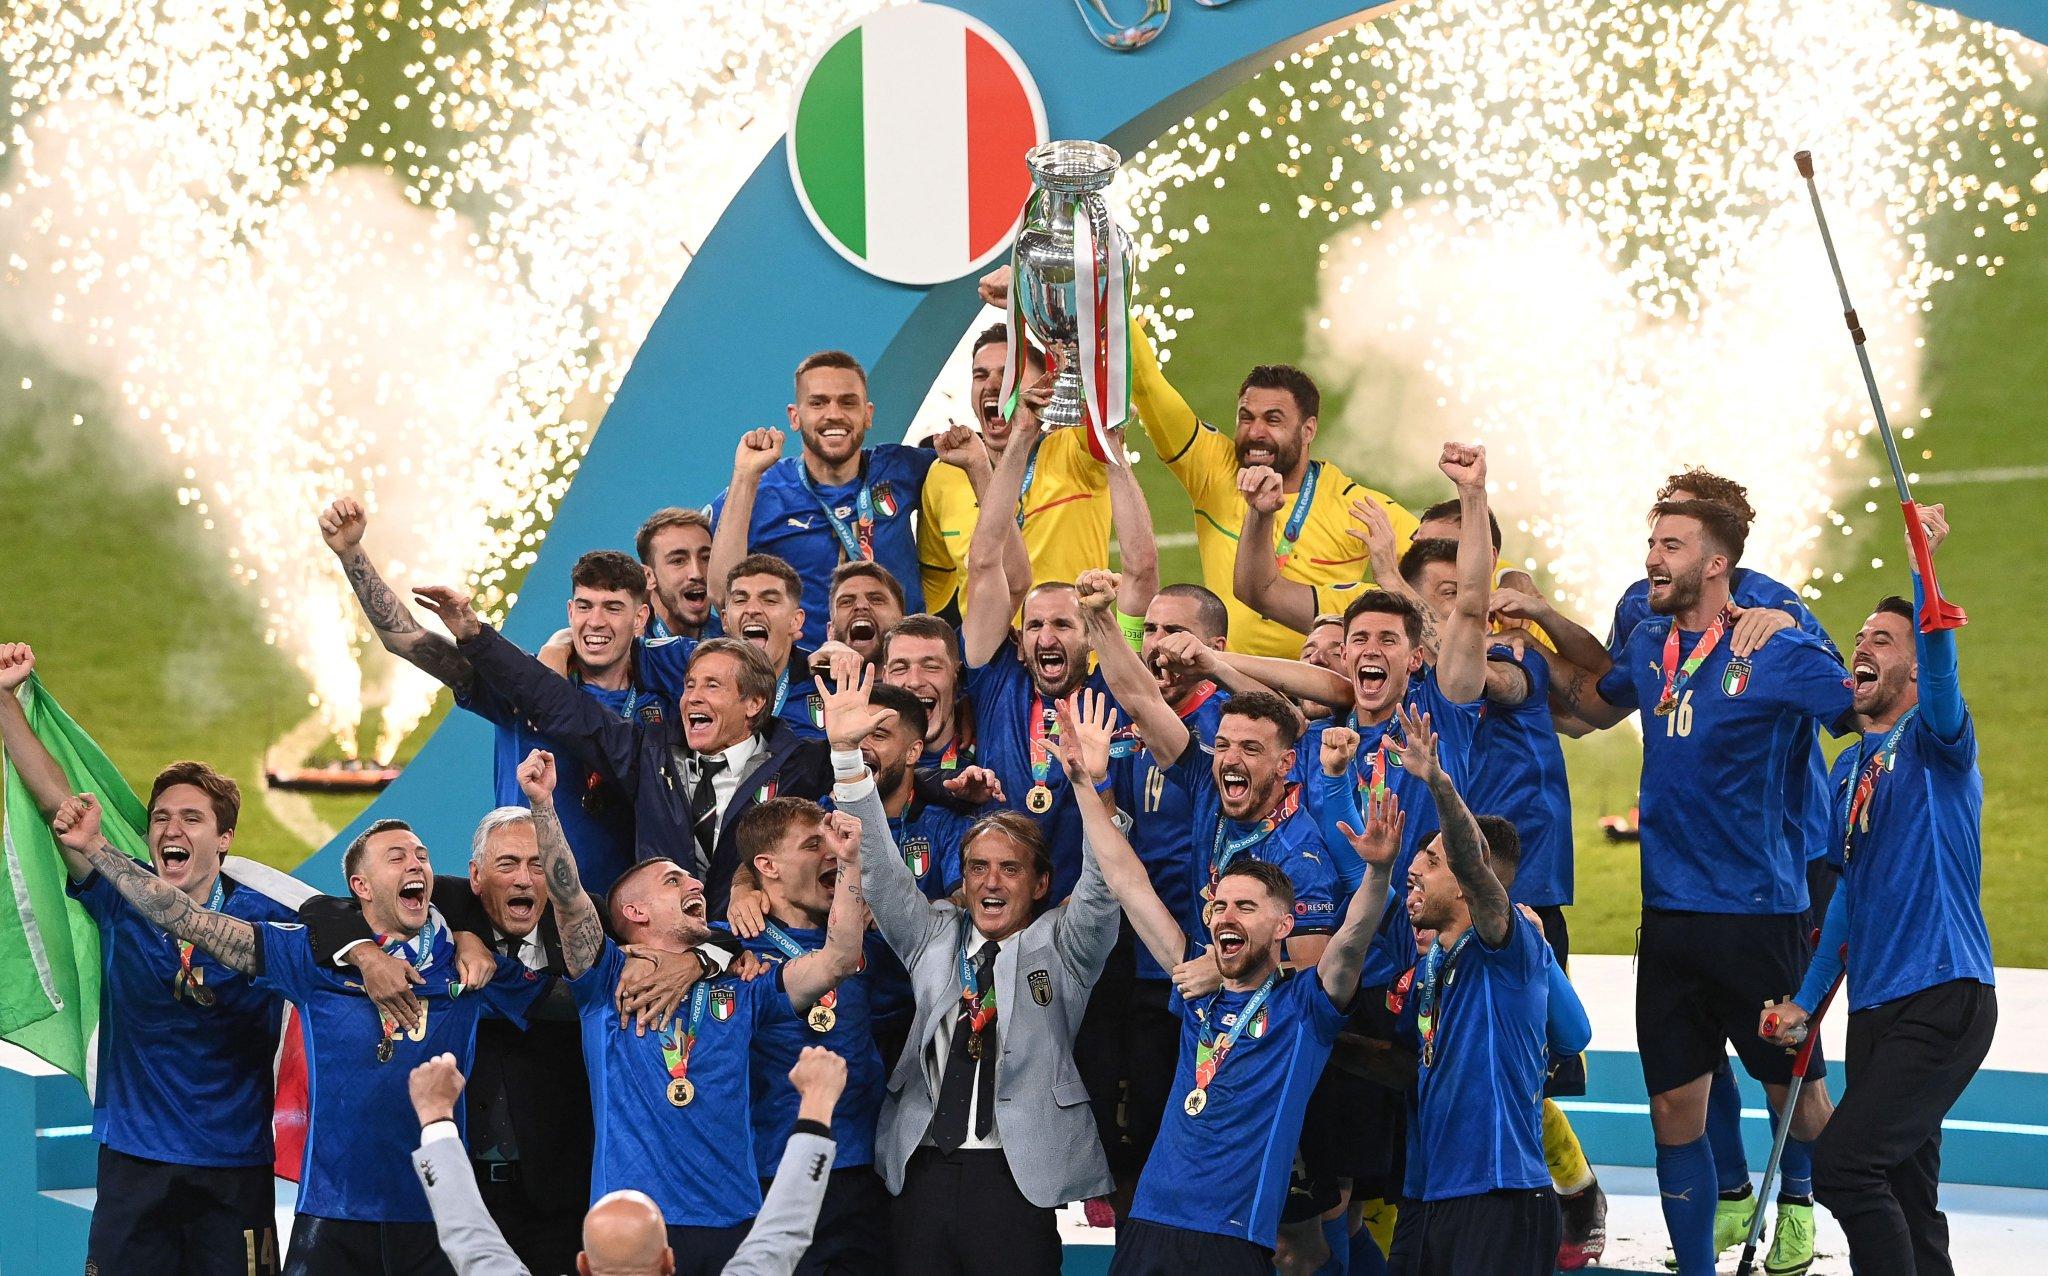 إيطاليا تتوج بطلاً لليورو للمرة الثانية في تاريخها بركلات الترجيح أمام إنجلترا (شاهد)